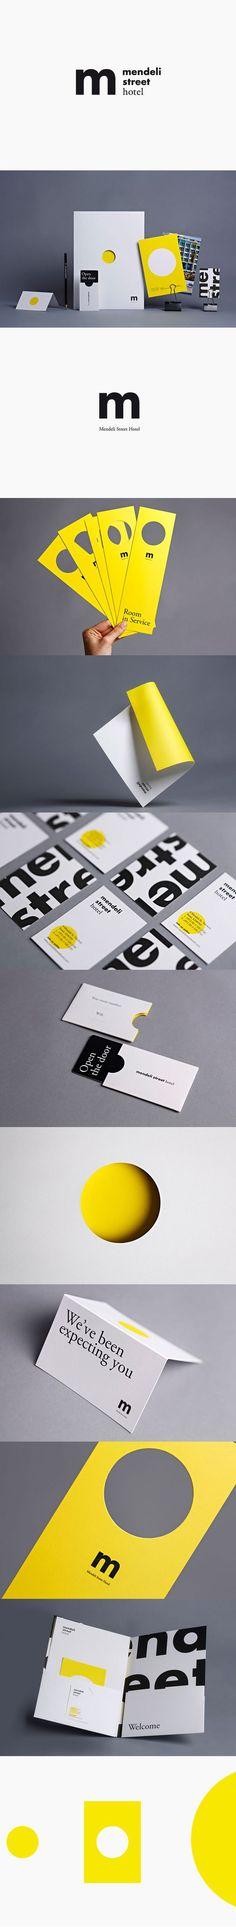 Mendeli Street Branding by Koniak   Fivestar Branding – Design and Branding Agency & Inspiration Gallery